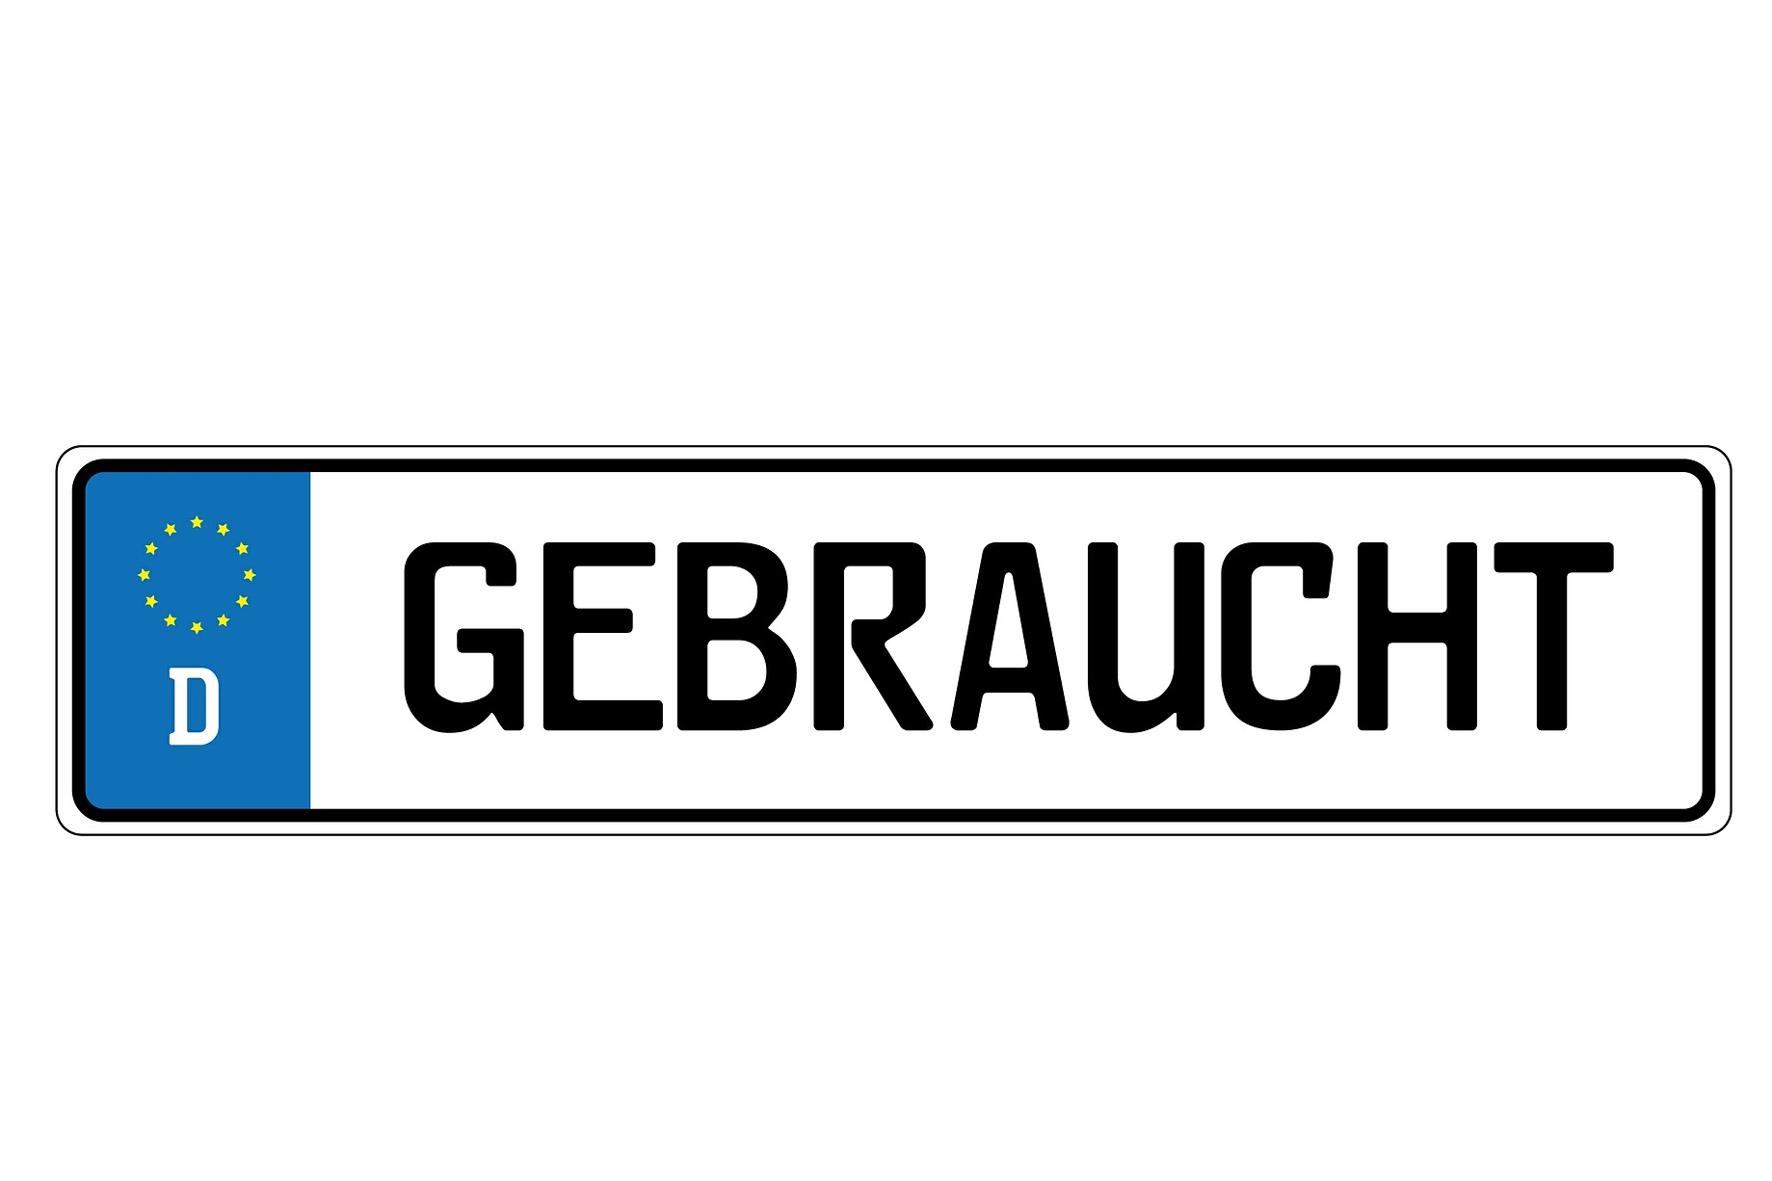 mid Groß-Gerau - Wer sein Auto verkauft, sollte einige Regeln beachten. Pixabay/blickpixel